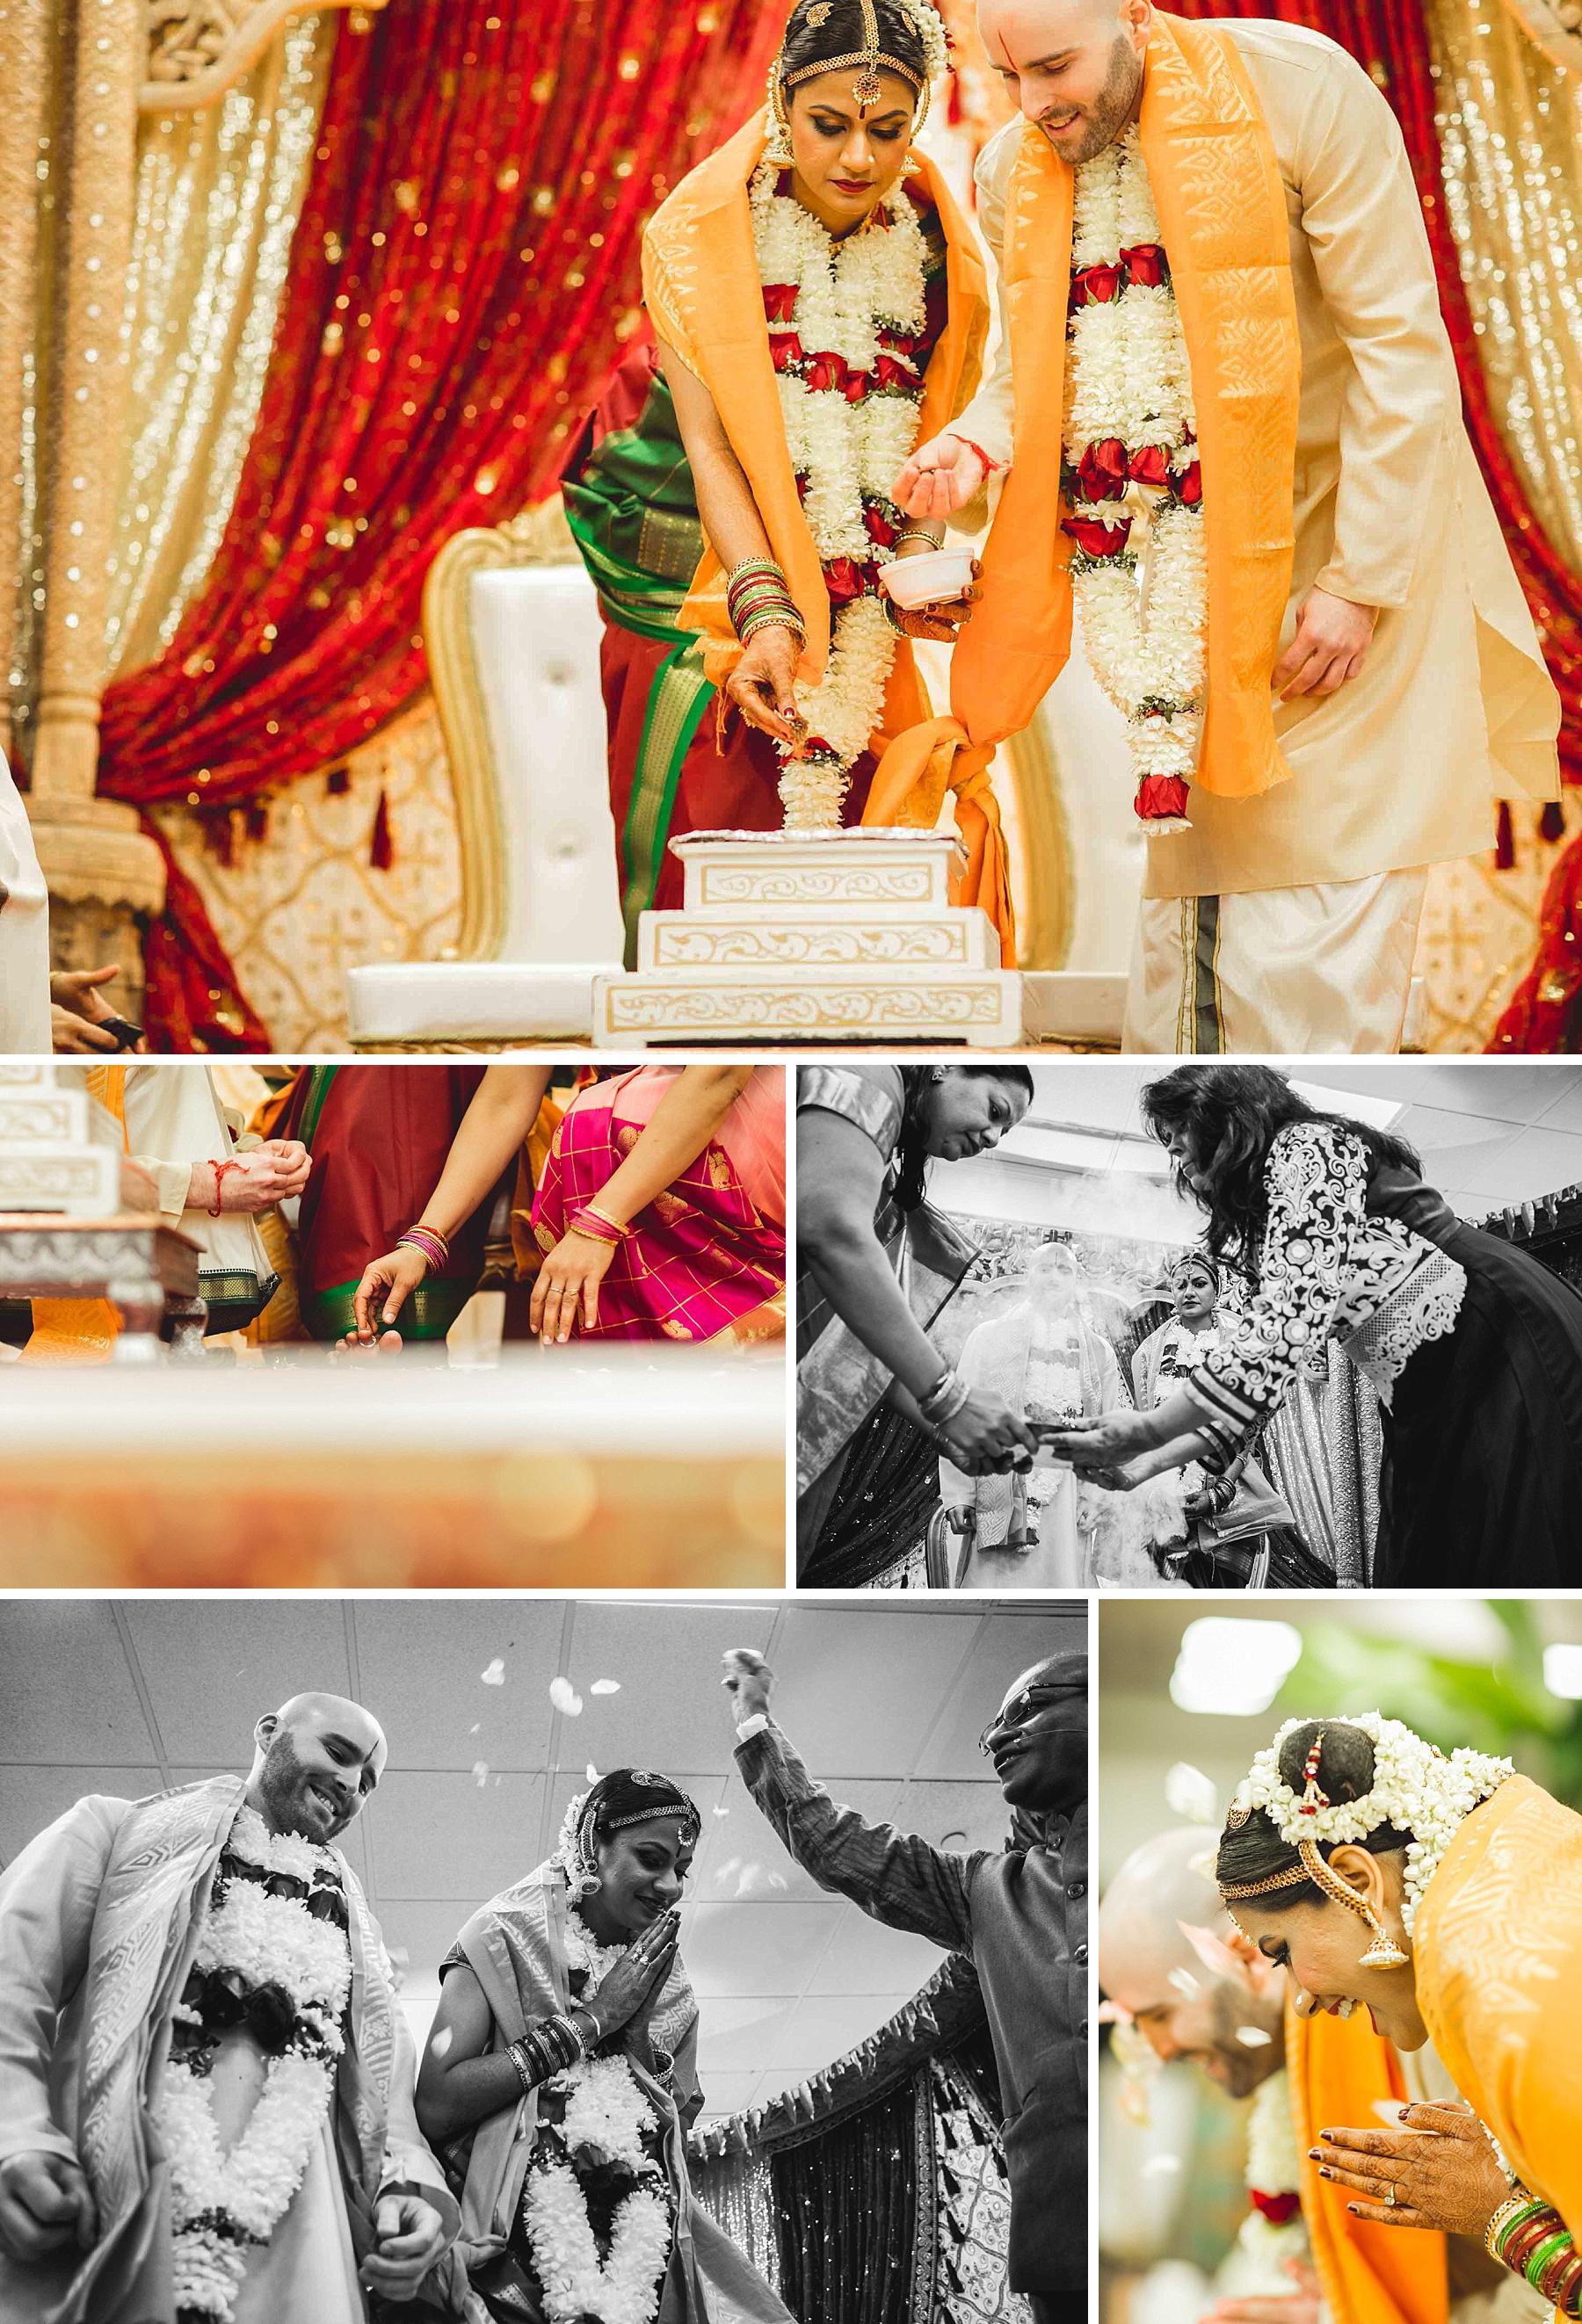 Ebersole-Photo-wedding-18.jpg